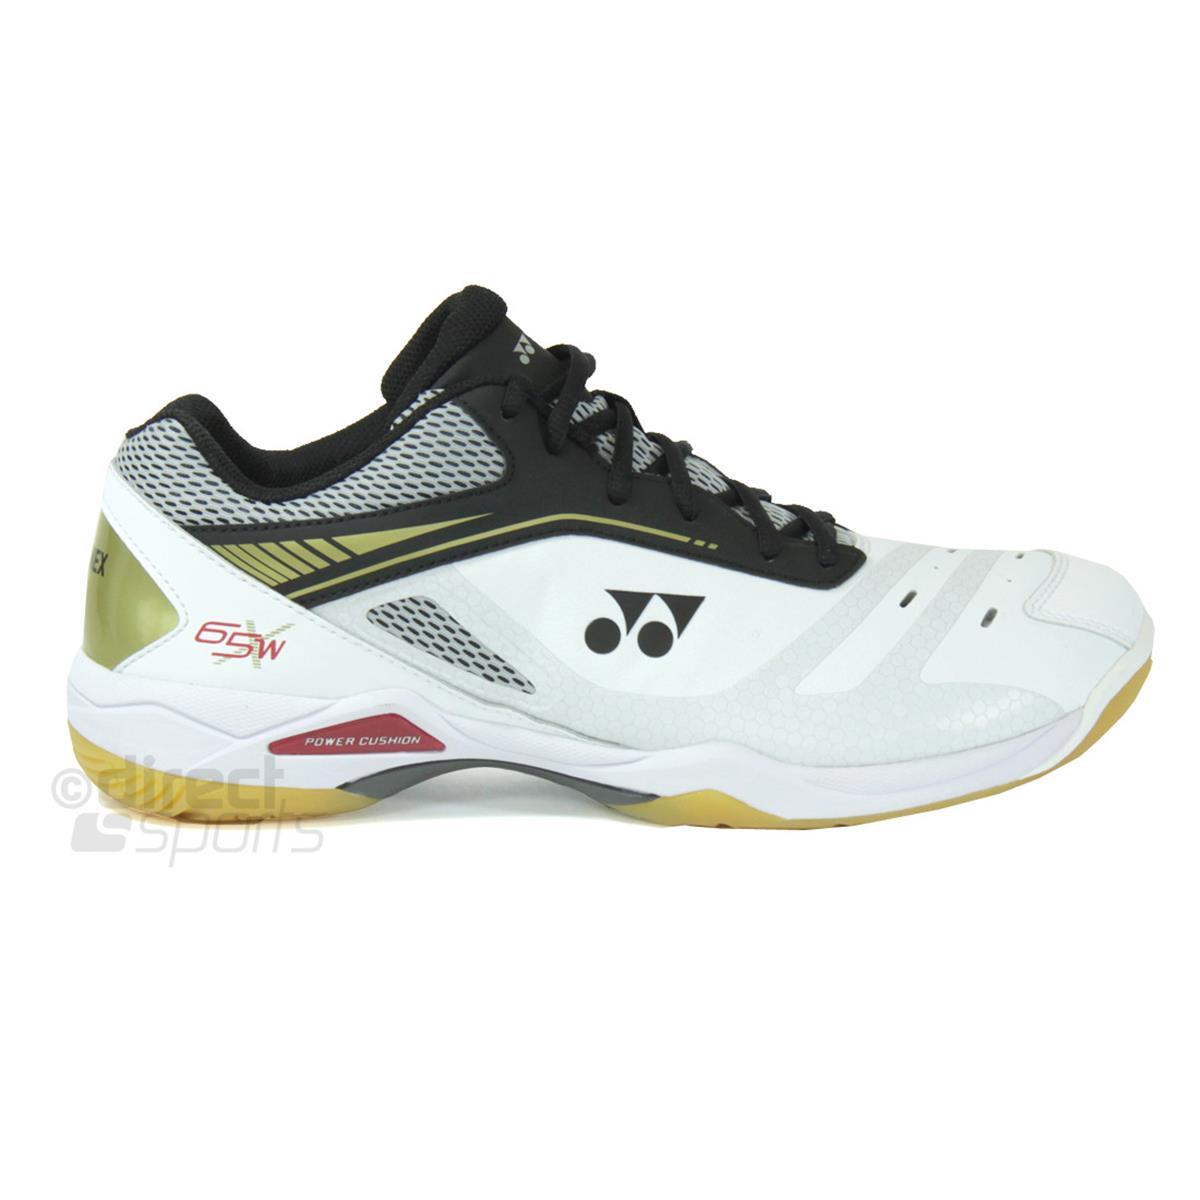 Mens Wide Badminton Shoes